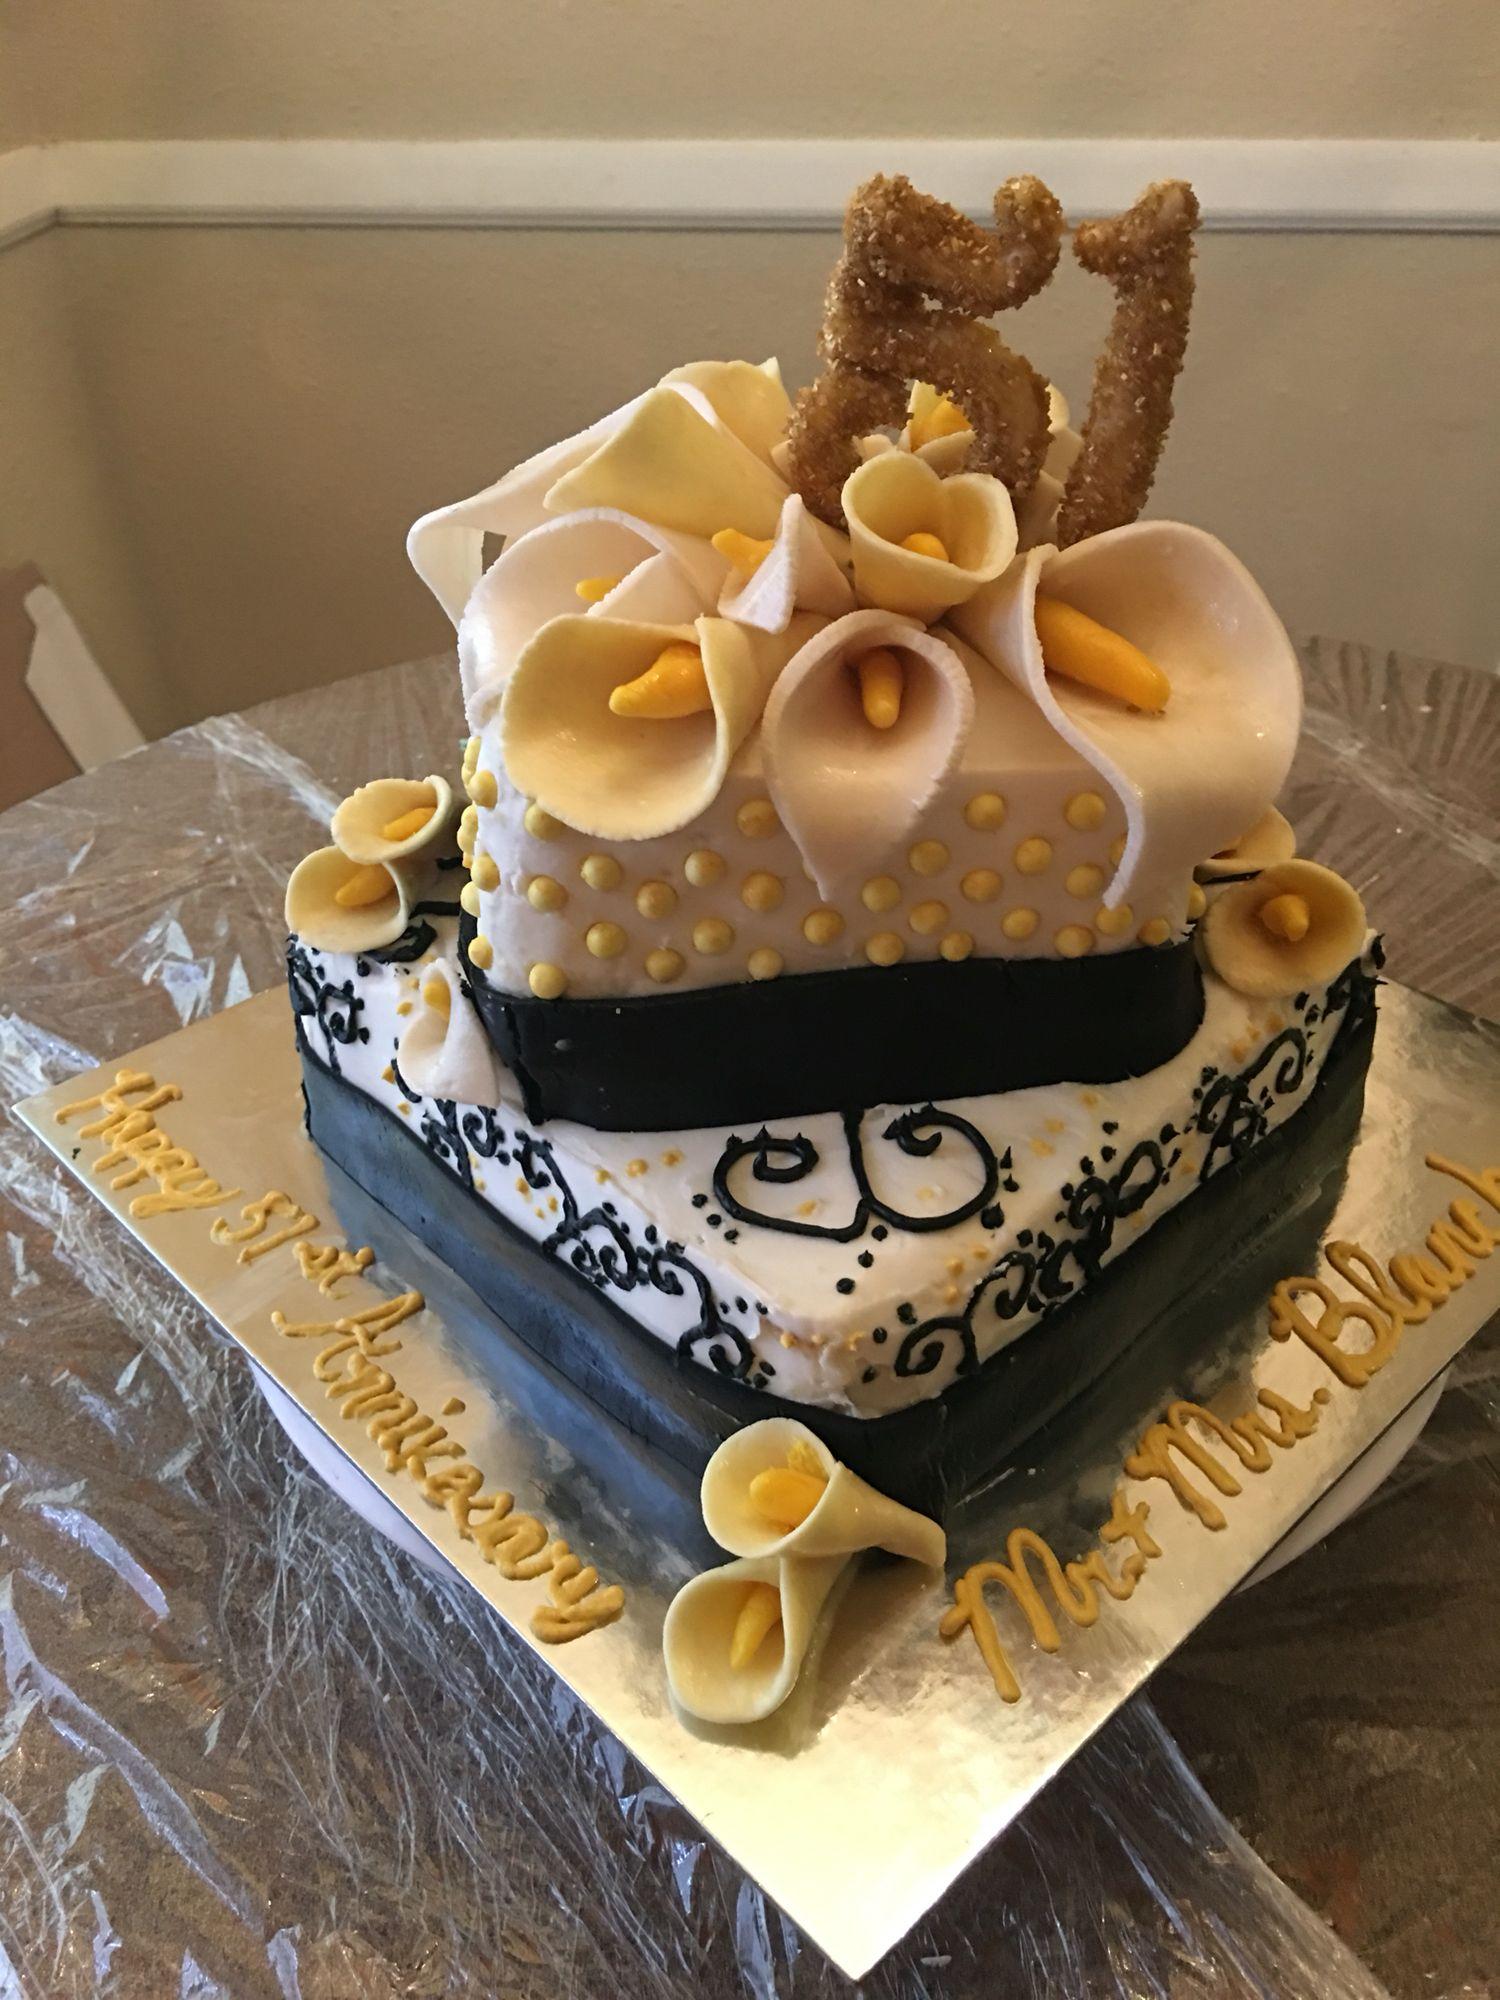 51st Anniversary Cake Anniversary Cake Desserts Cake